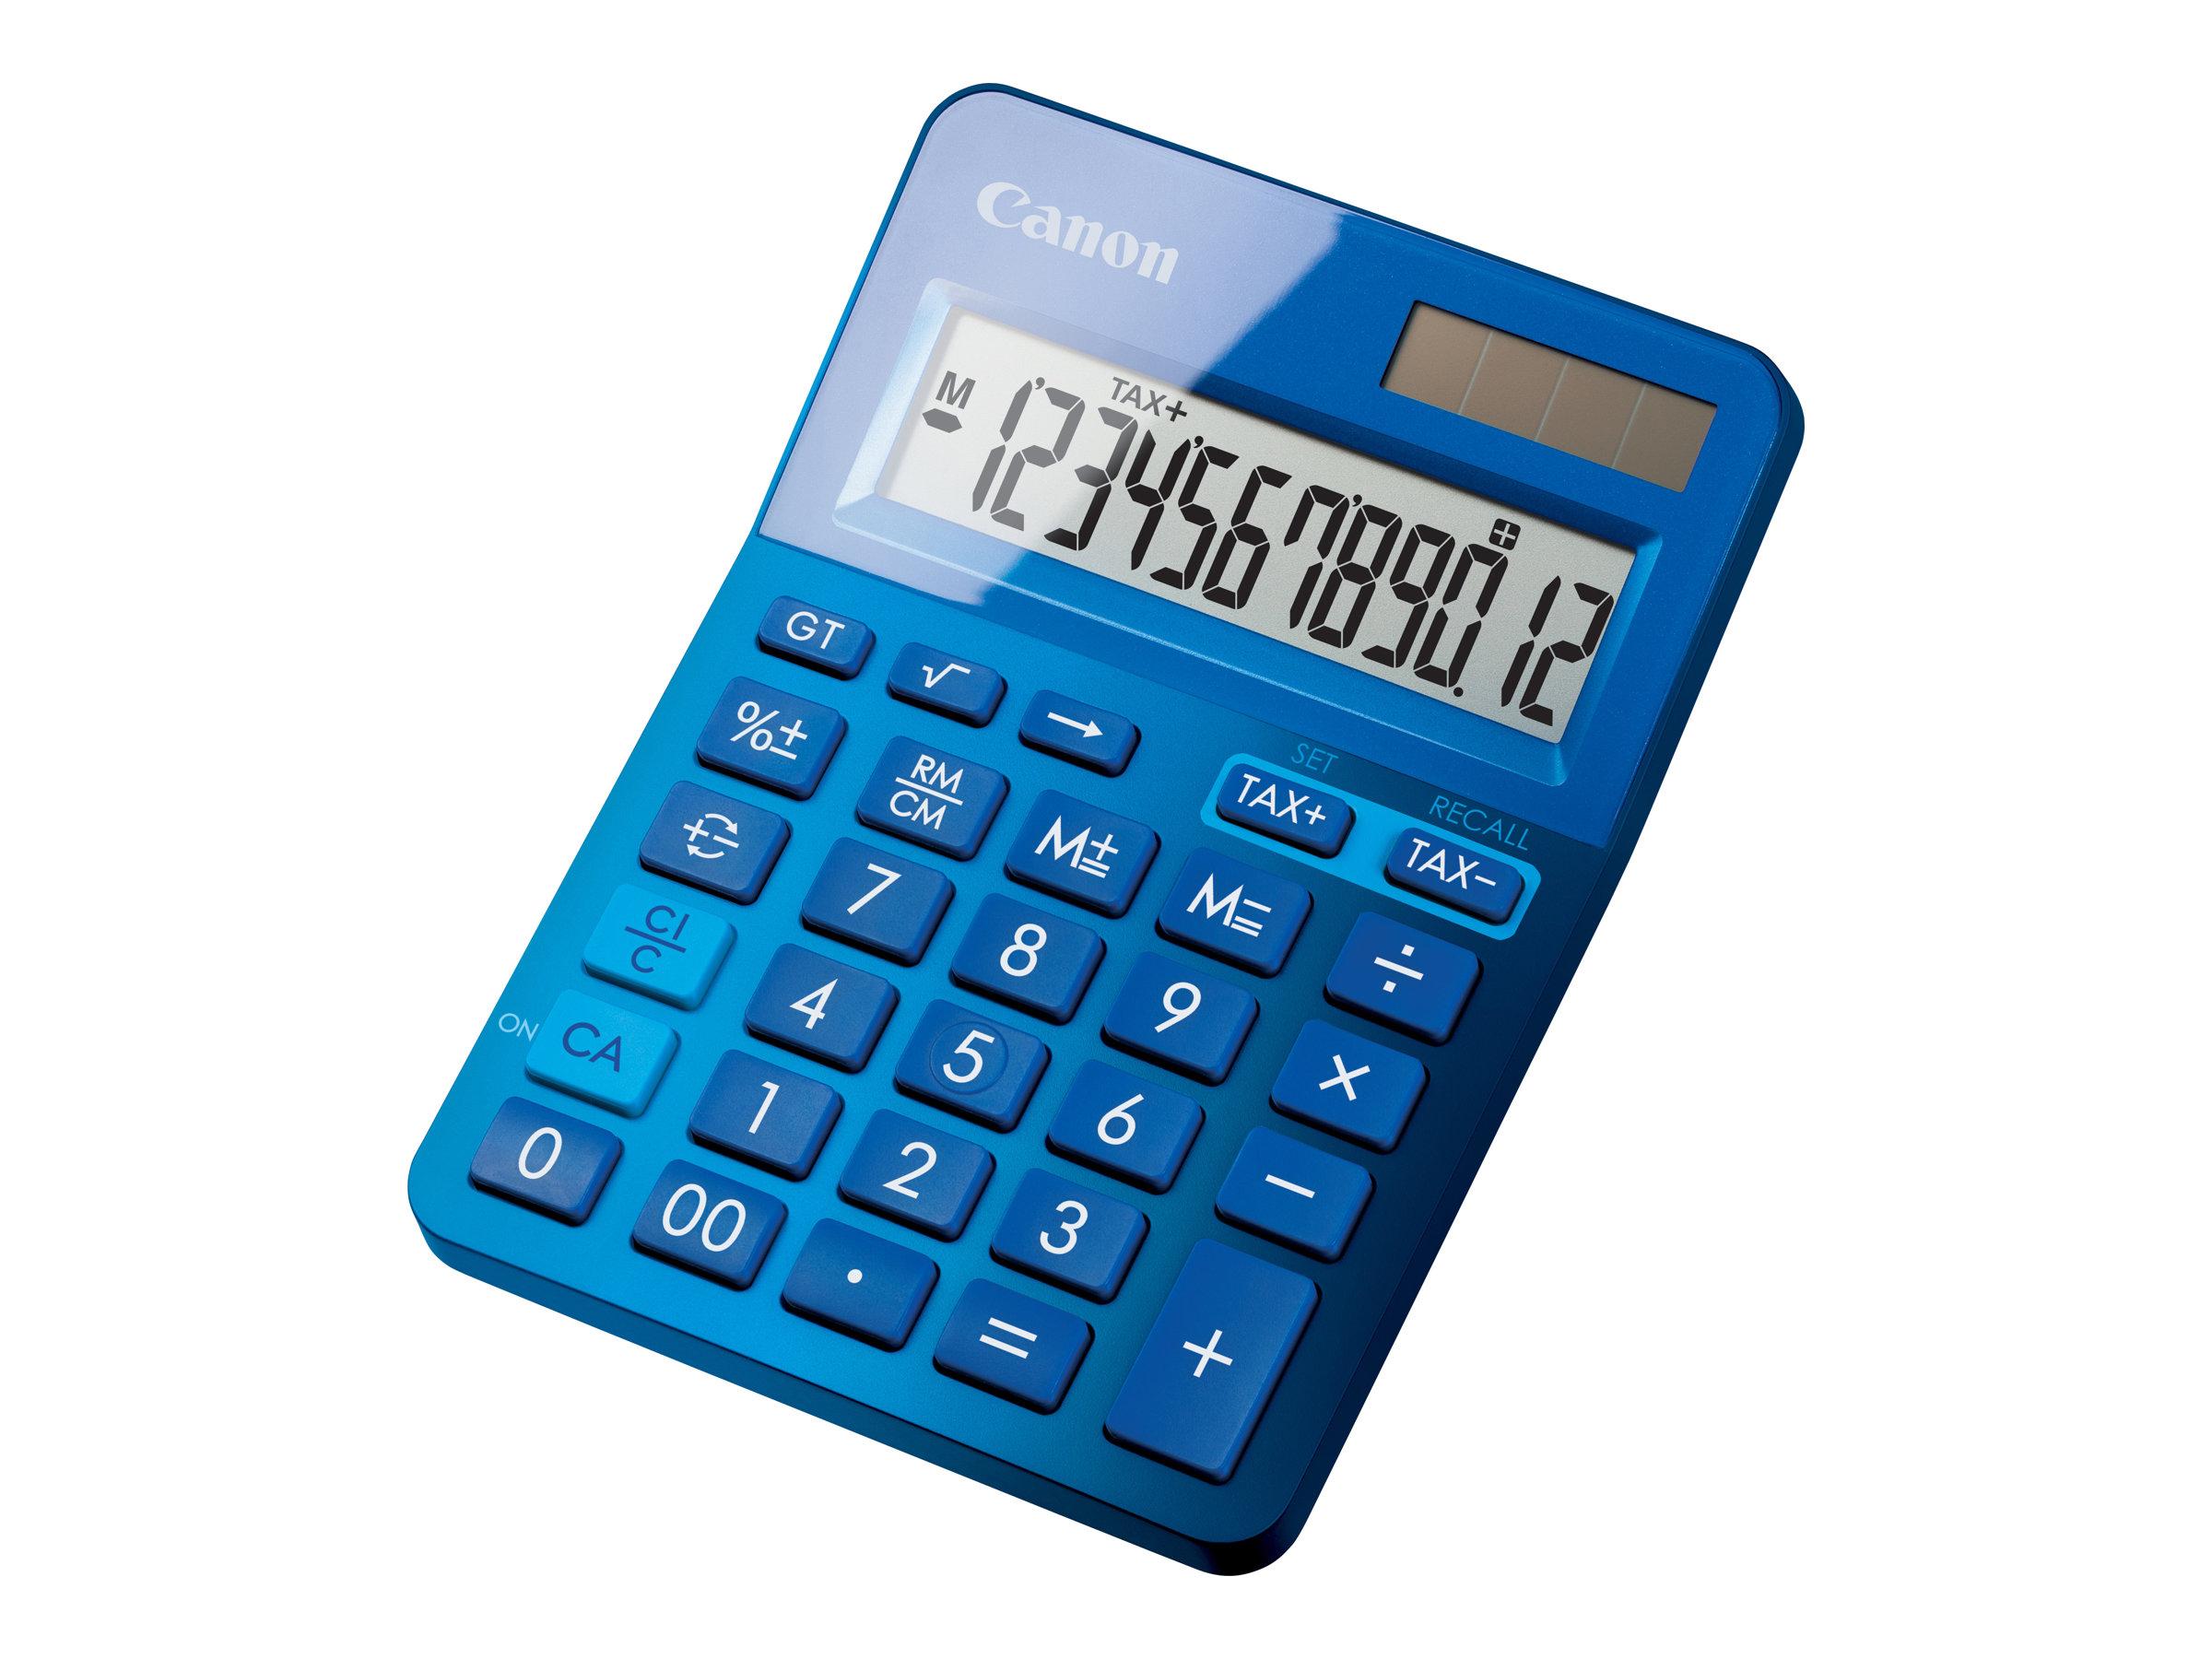 Canon LS- 123K - Calculatrice de bureau - 12 chiffres - différentes couleurs disponibles